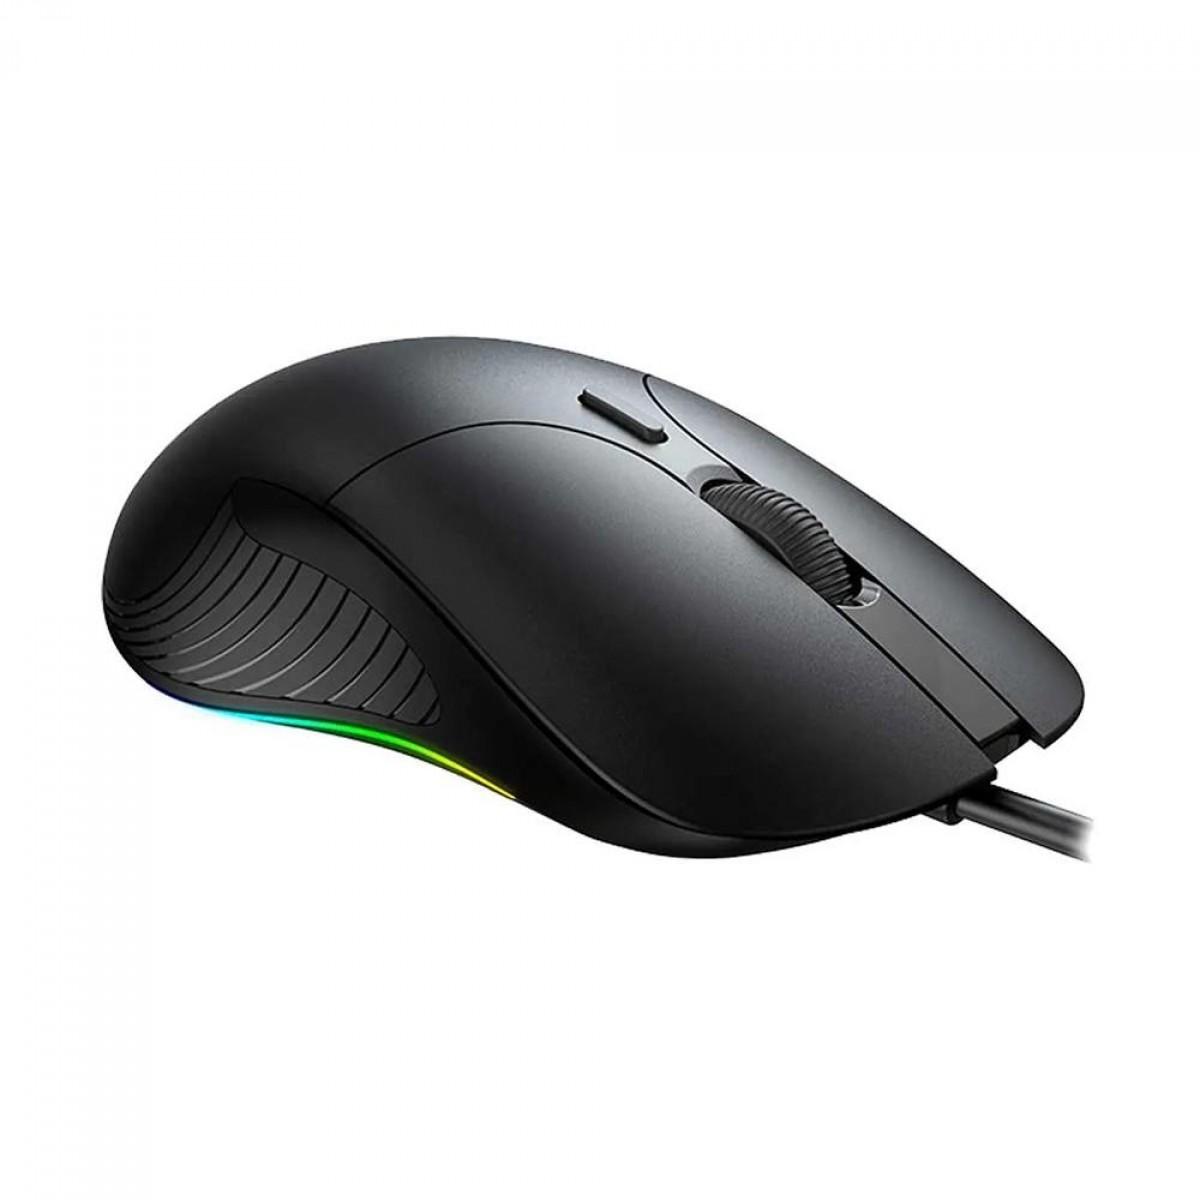 Mouse Gamer Havit MS1020, 4200DPI, RGB, 7 Botões, HV-MS1020